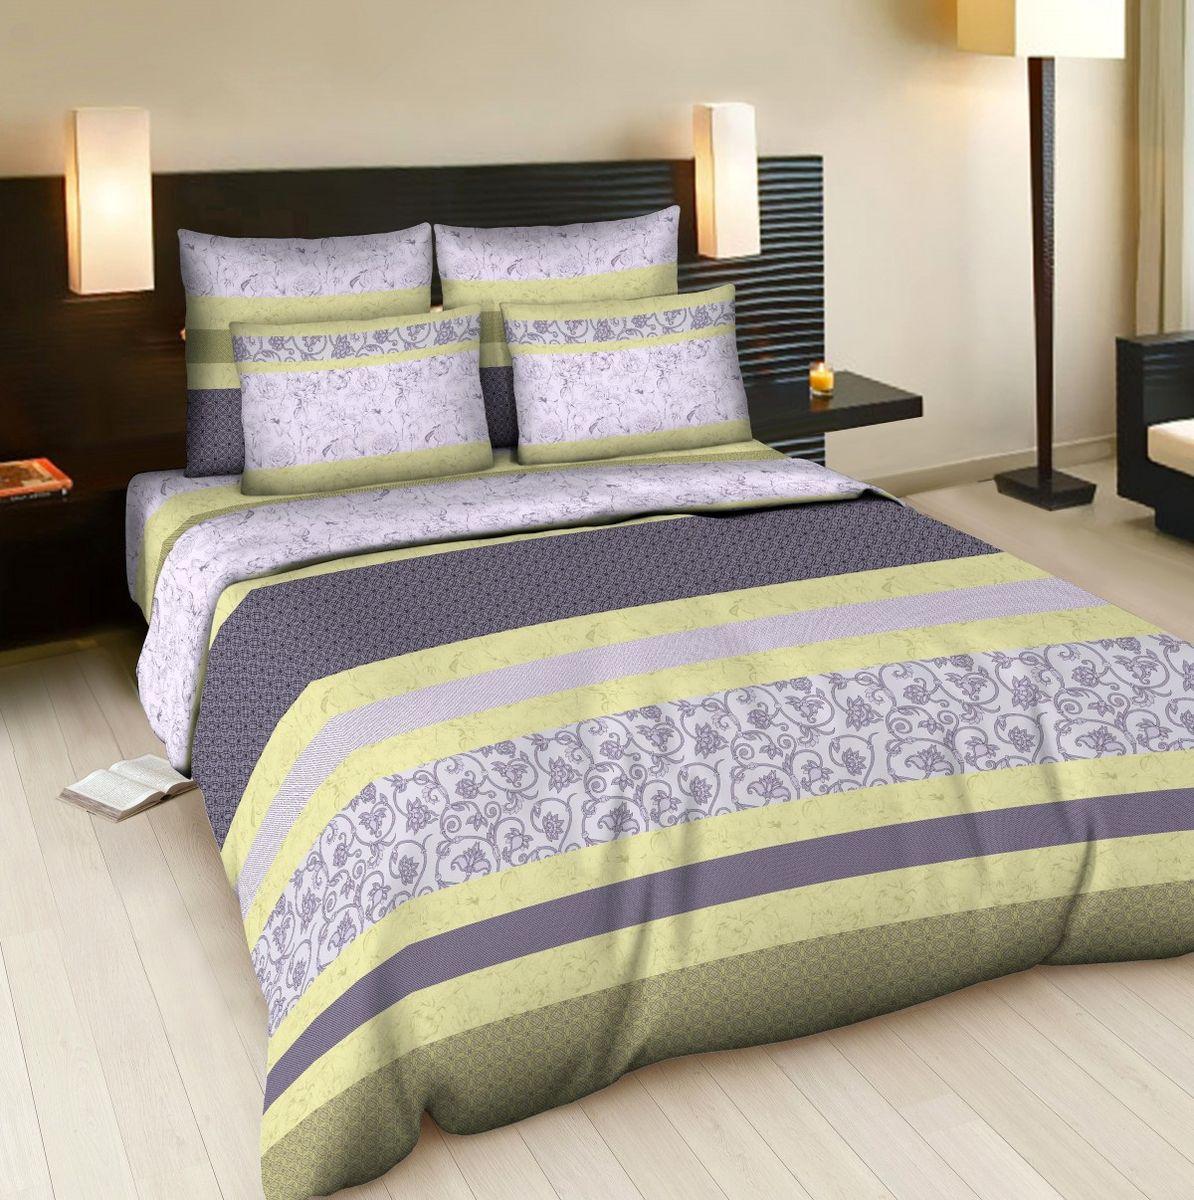 Комплект белья Amore Mio Suri, евро, наволочки 70x70, цвет: серый, желтый391602Постельное белье из бязи практично и долговечно, а самое главное - это 100% хлопок! Материал великолепно отводит влагу, отлично пропускает воздух, не капризен в уходе, легко стирается и гладится. Новая коллекция Naturel 3-D дизайнов позволит выбрать постельное белье на любой вкус!